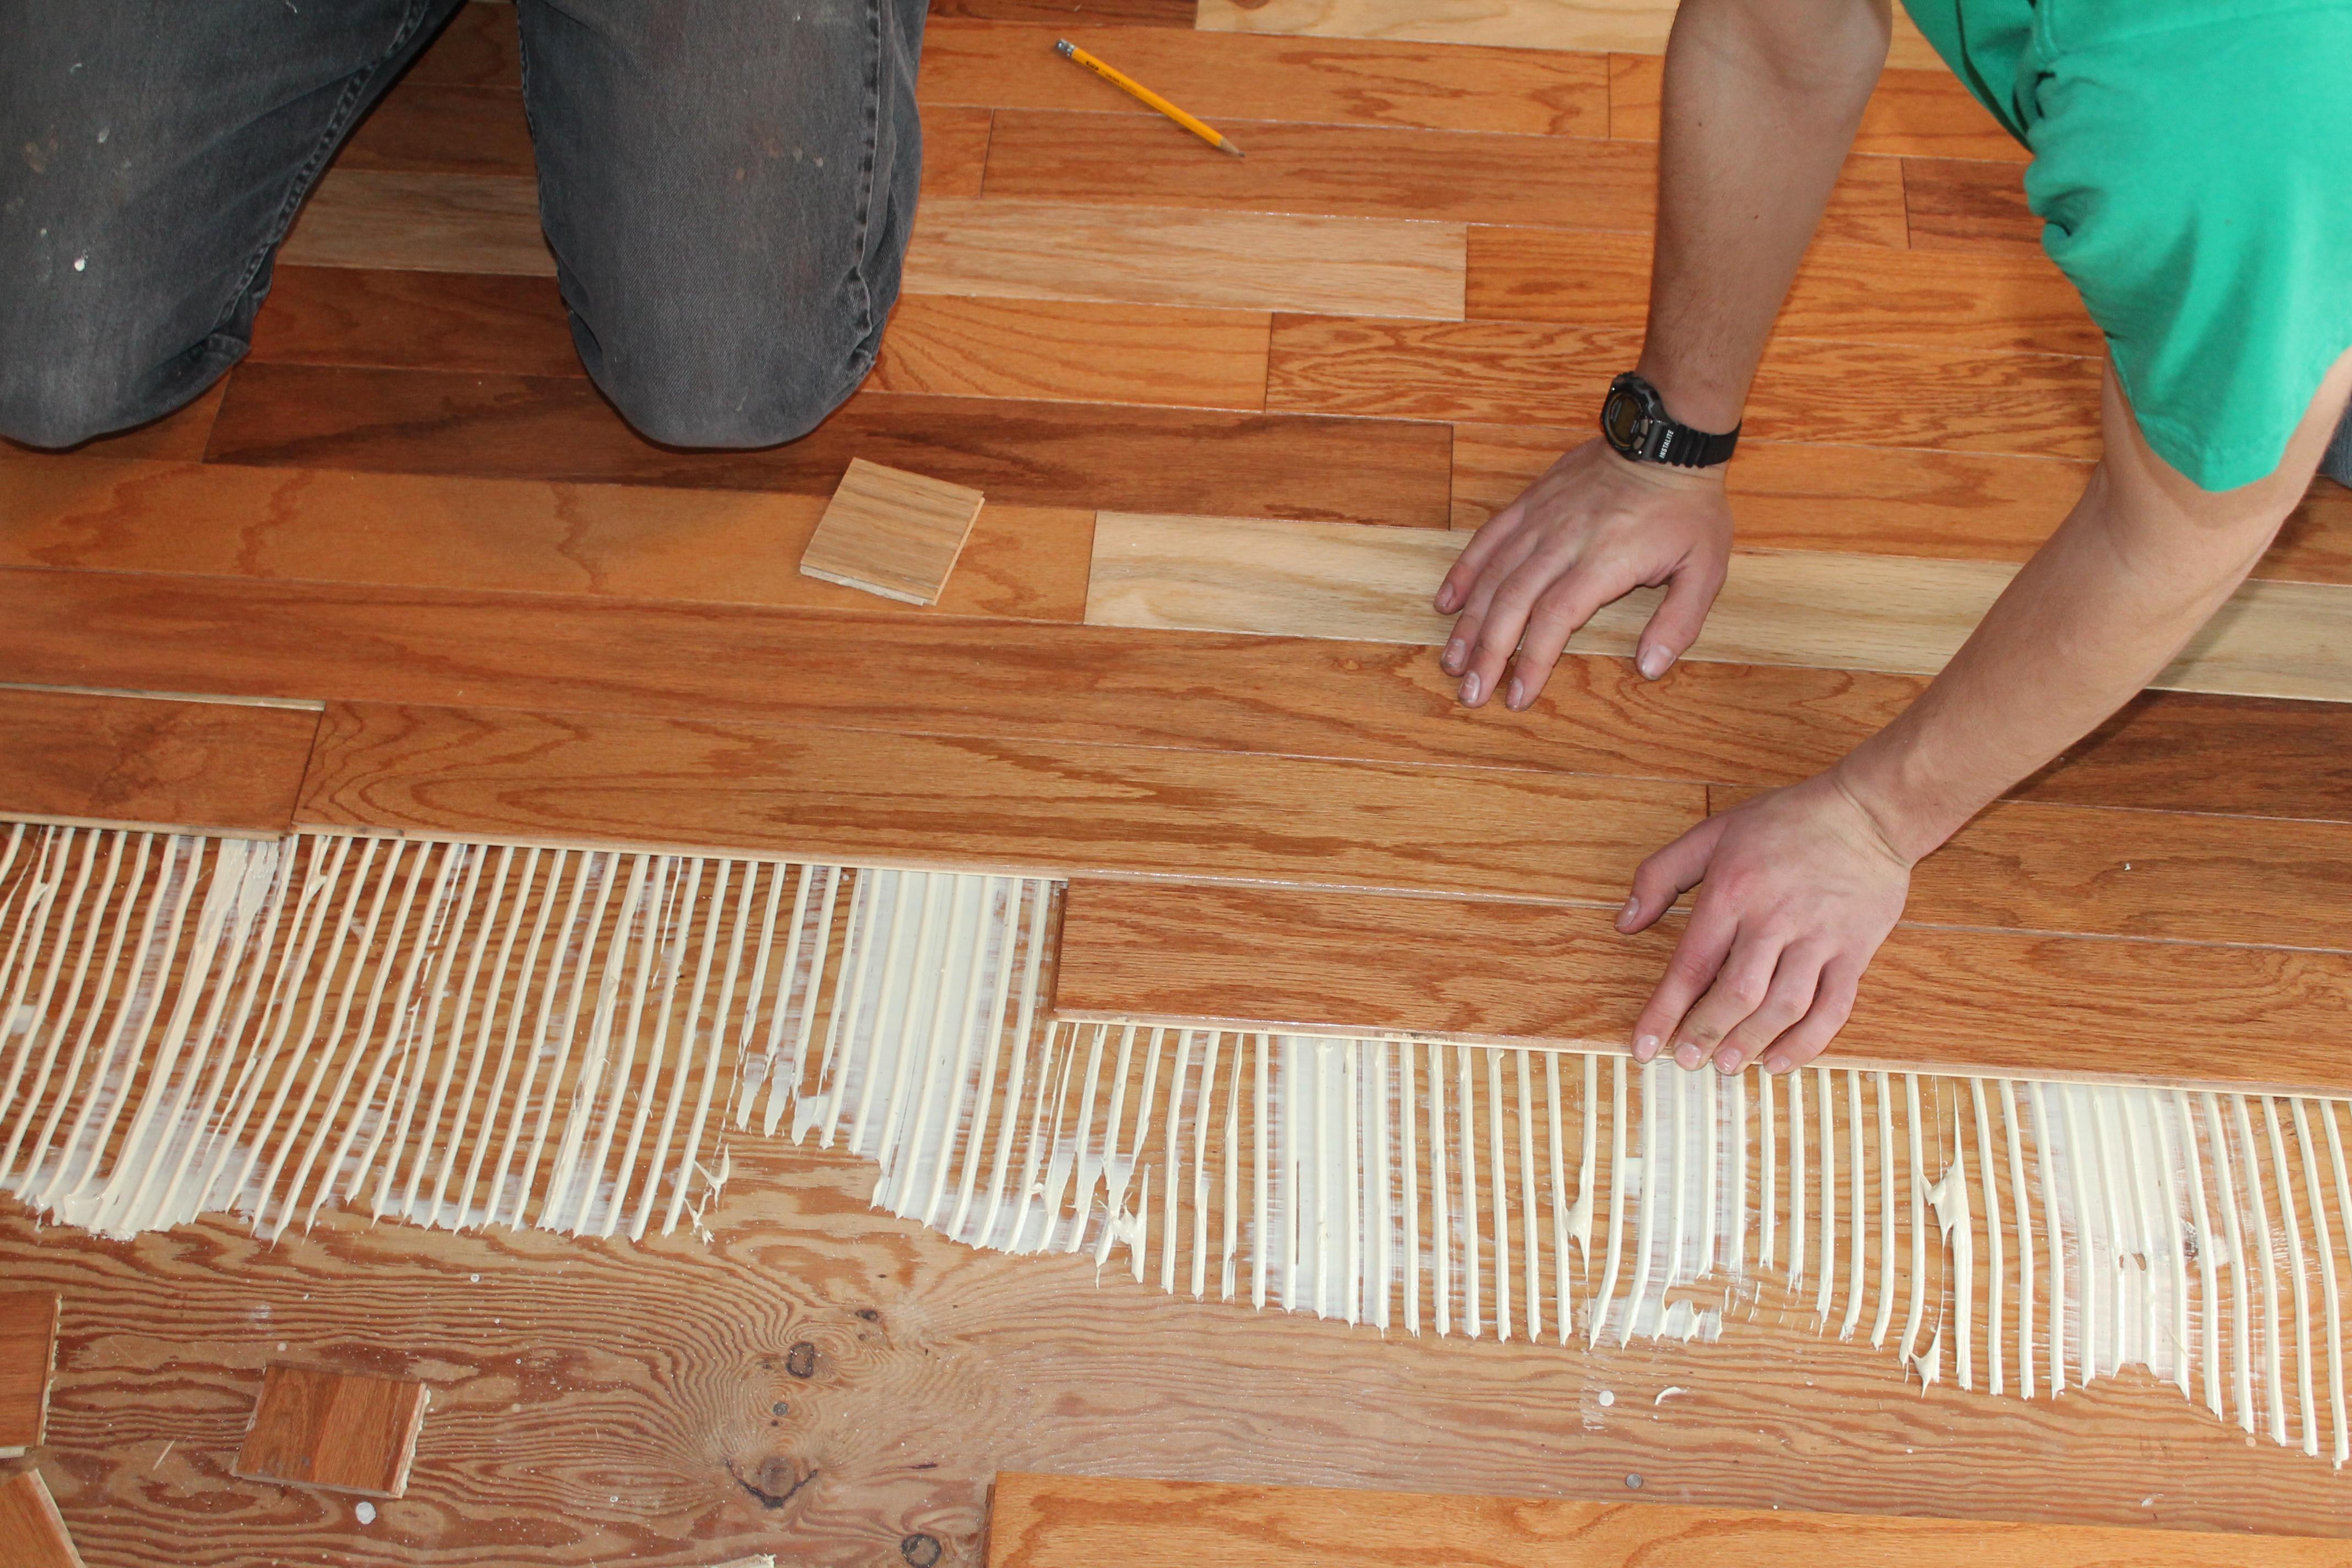 Wonderful Laying Engineered Hardwood With Glue